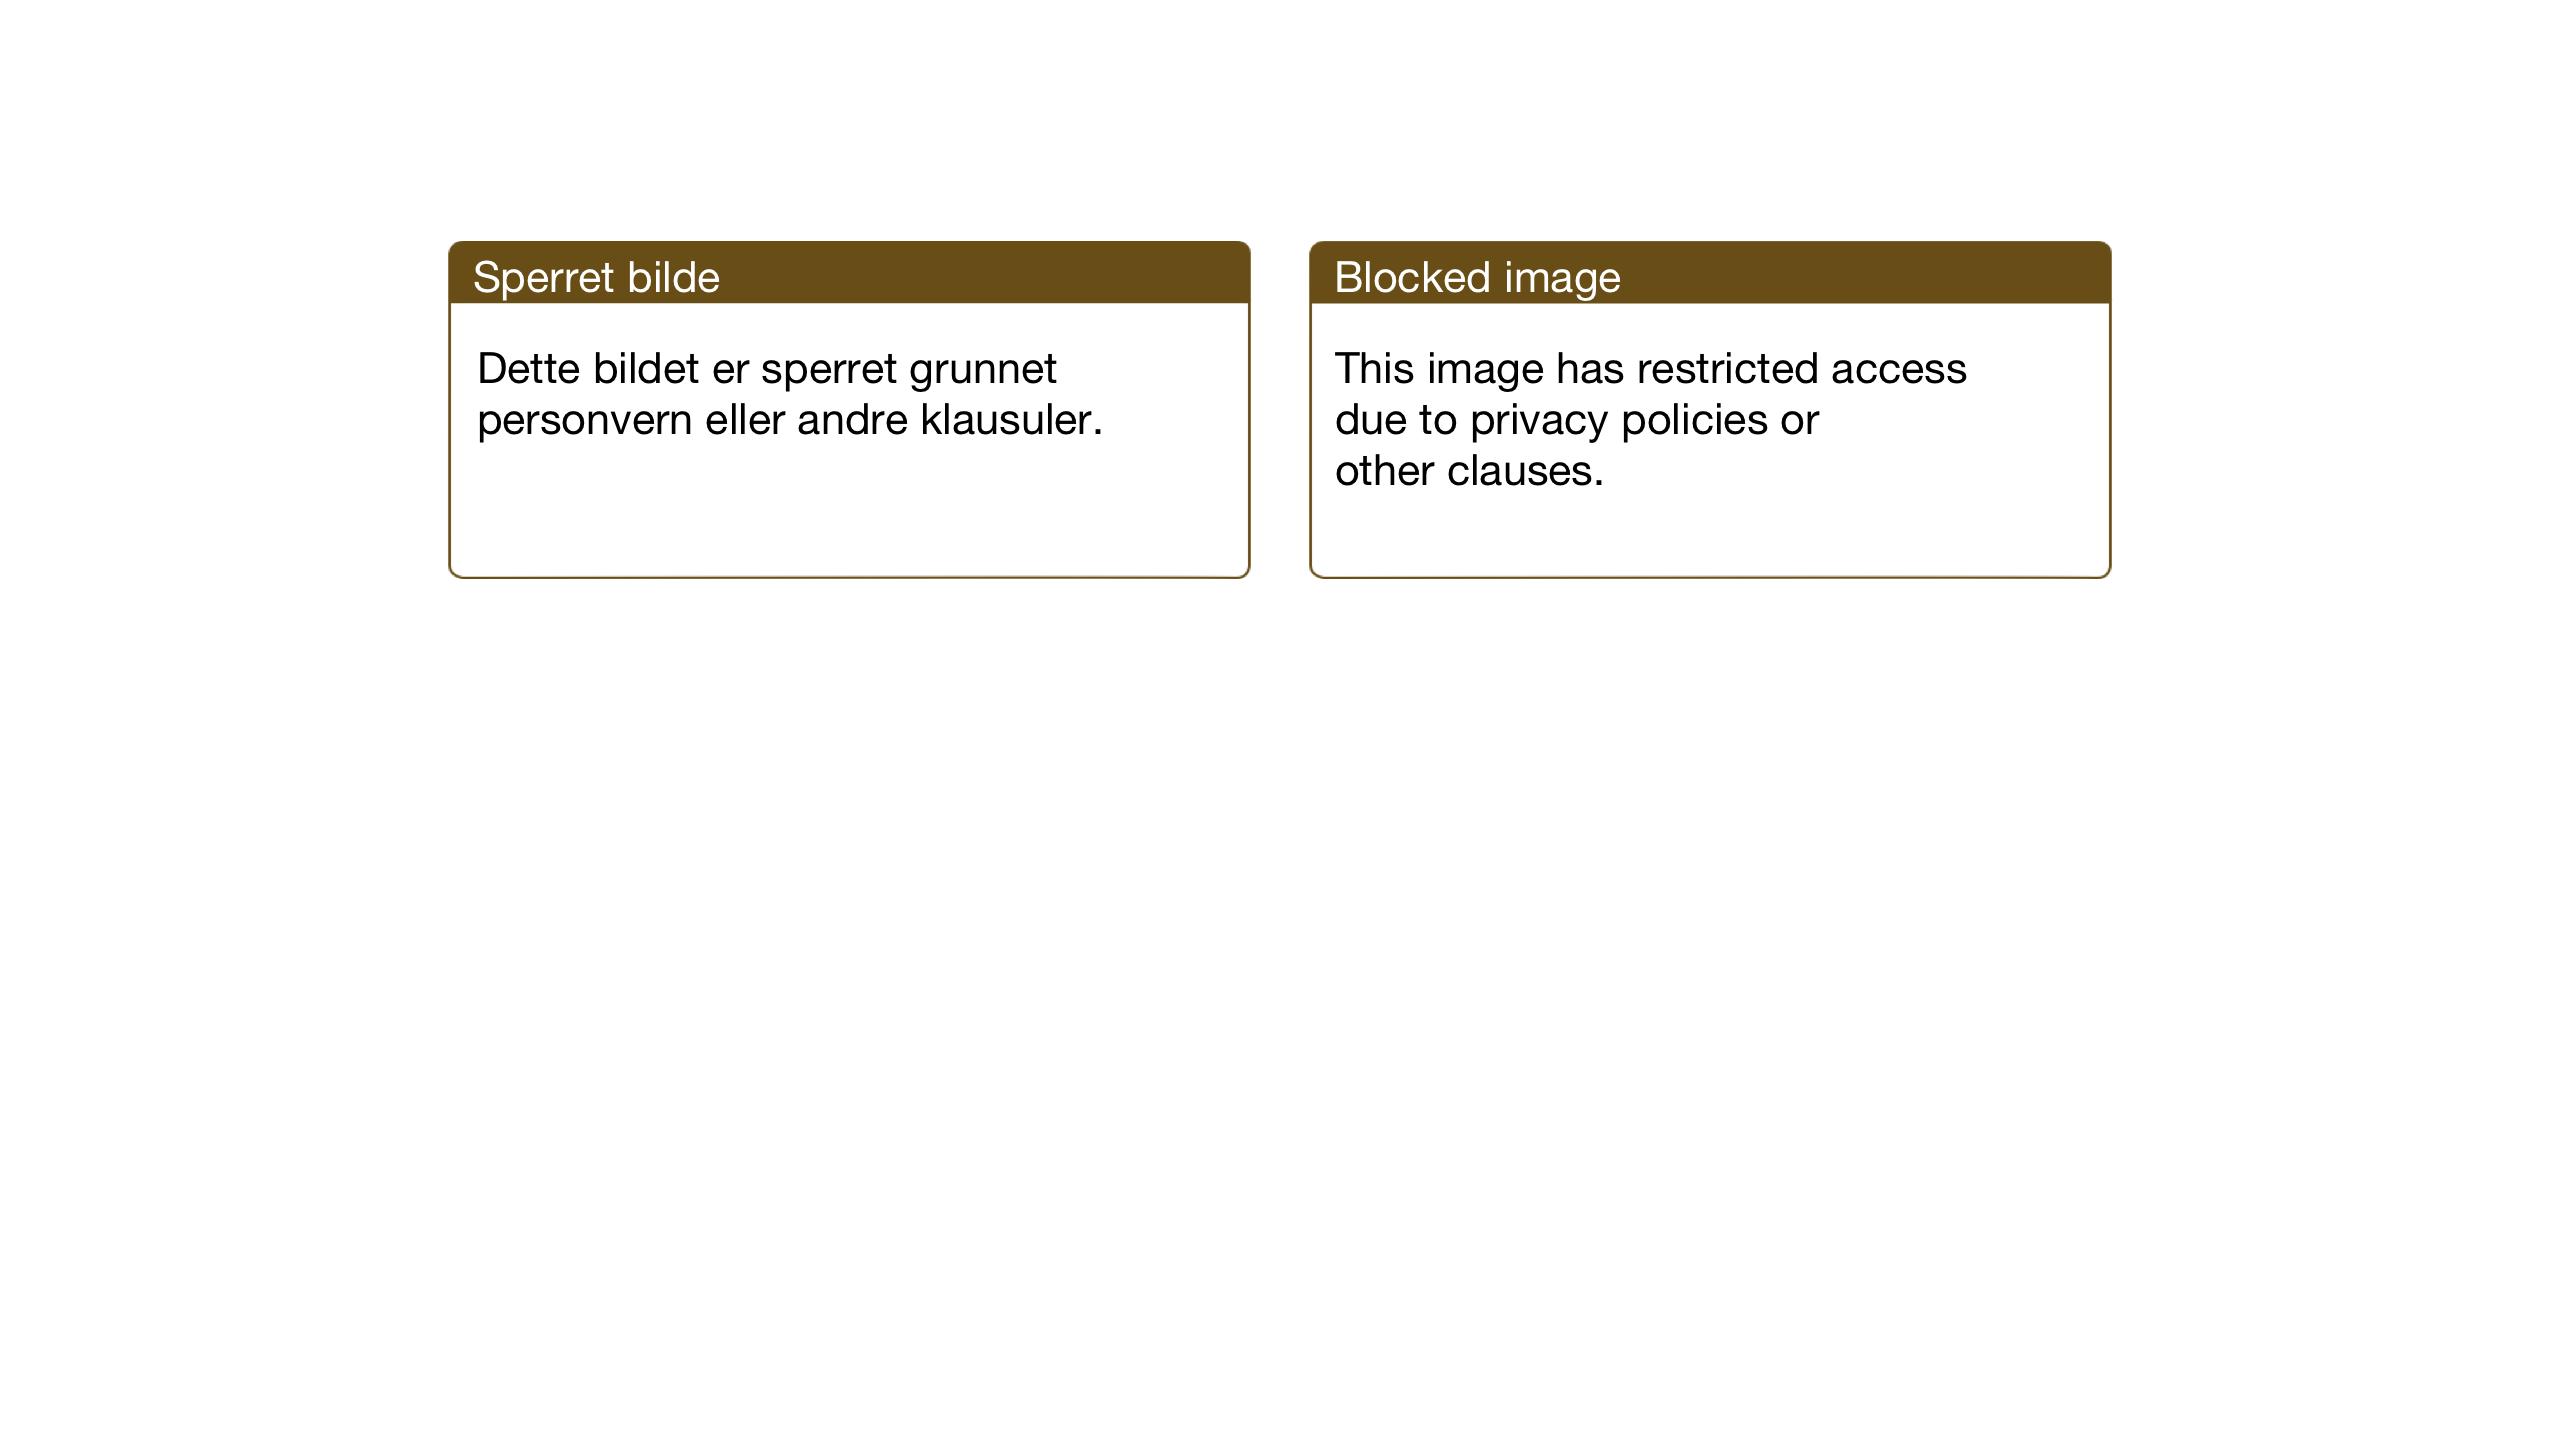 SAT, Ministerialprotokoller, klokkerbøker og fødselsregistre - Sør-Trøndelag, 607/L0328: Klokkerbok nr. 607C02, 1940-1948, s. 22